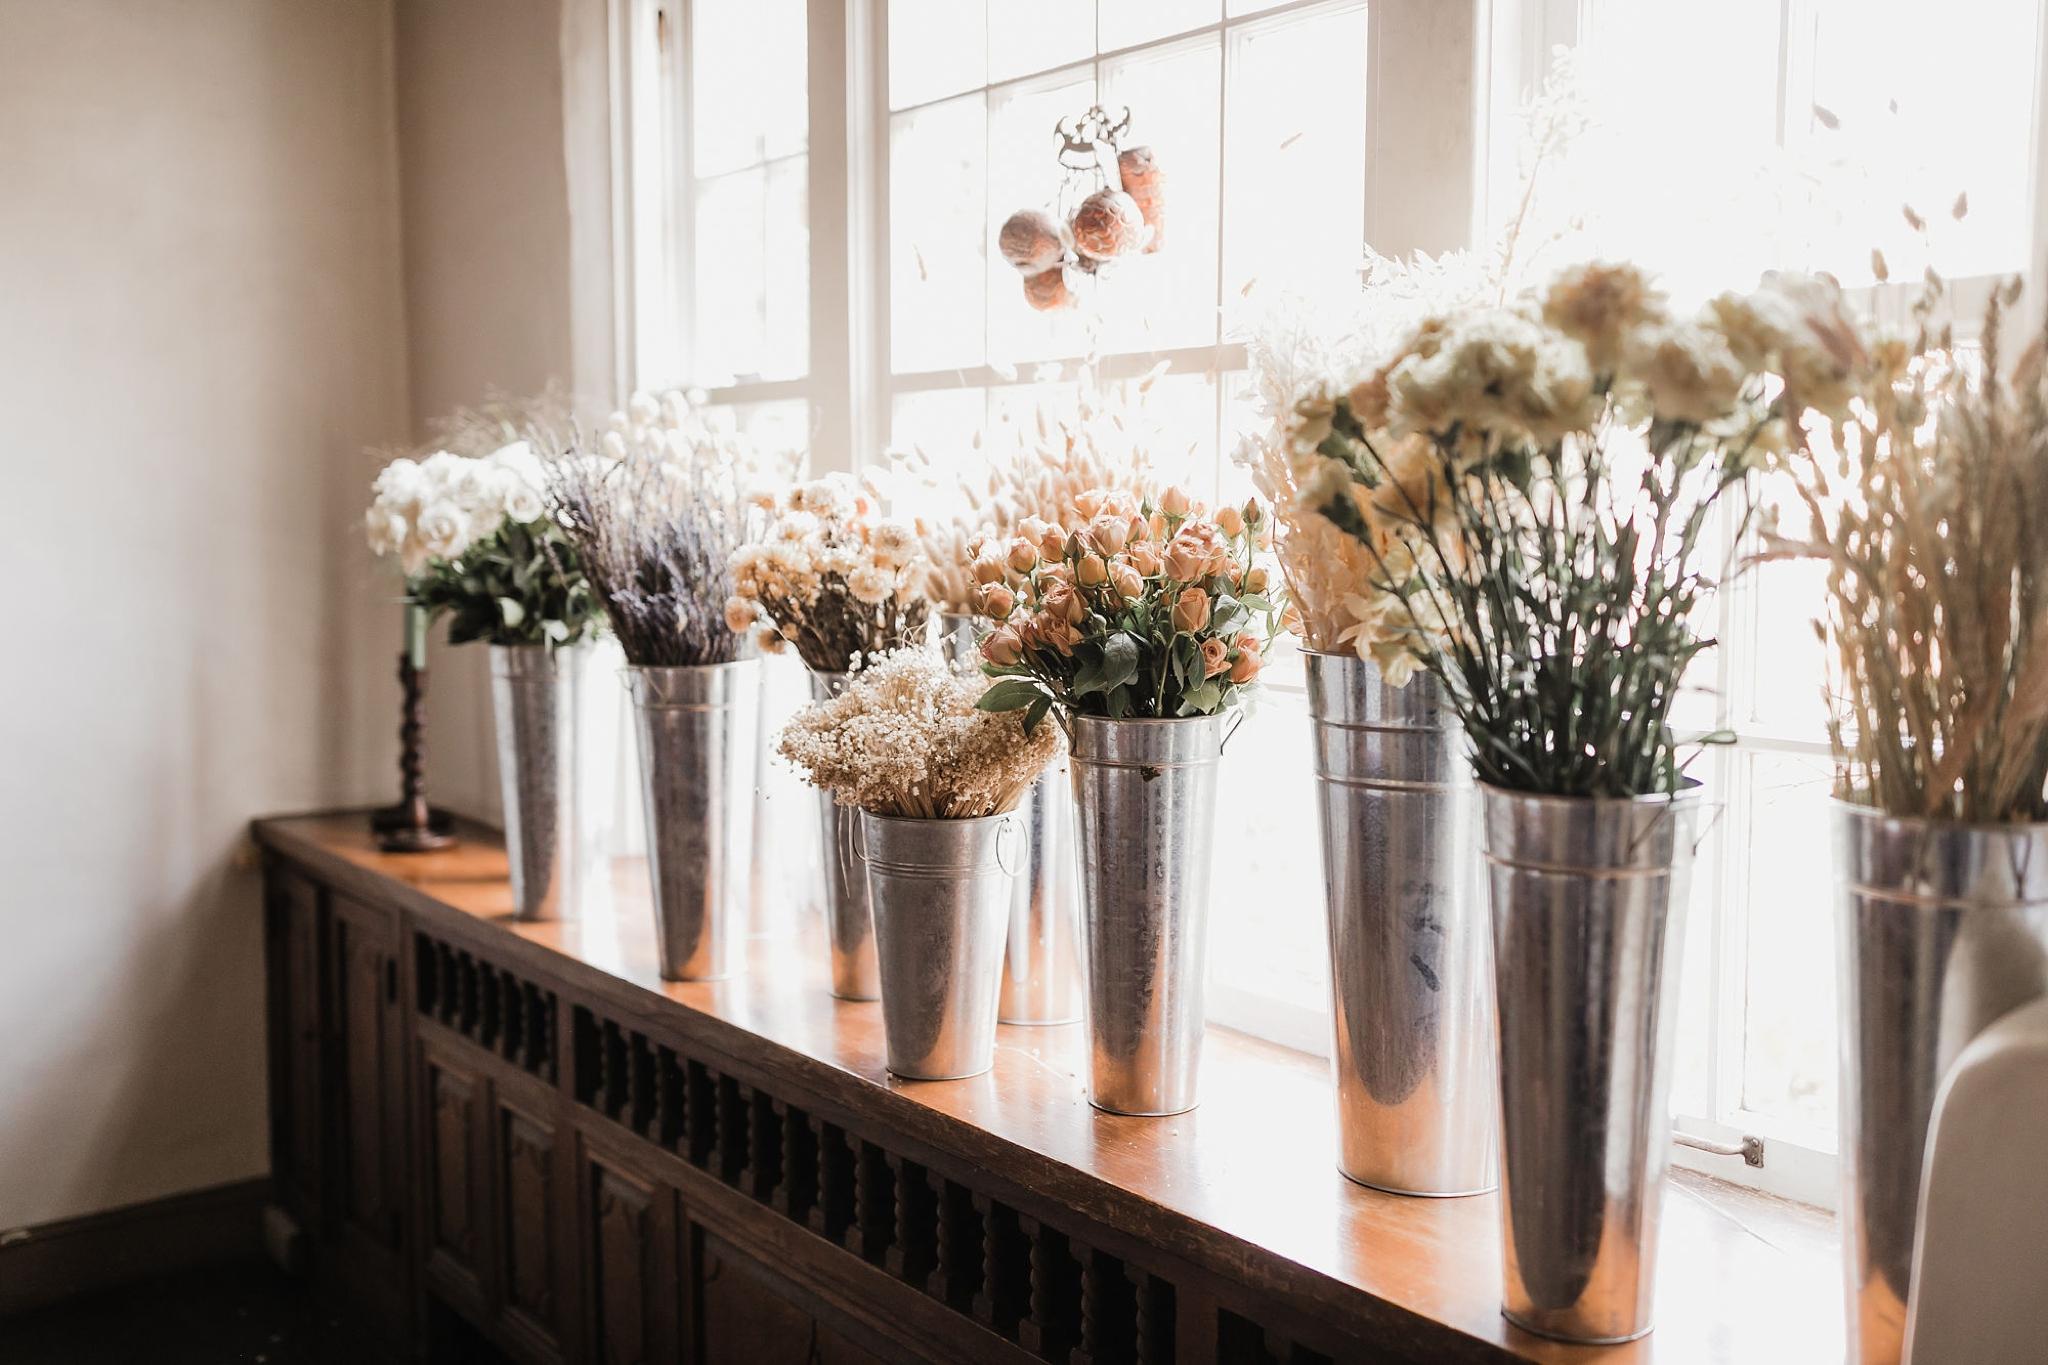 Alicia+lucia+photography+-+albuquerque+wedding+photographer+-+santa+fe+wedding+photography+-+new+mexico+wedding+photographer+-+new+mexico+wedding+-+new+mexico+florist+-+floriography+flowers+-+floriography+flowers+new+mexico+-+wedding+florist_0019.jpg